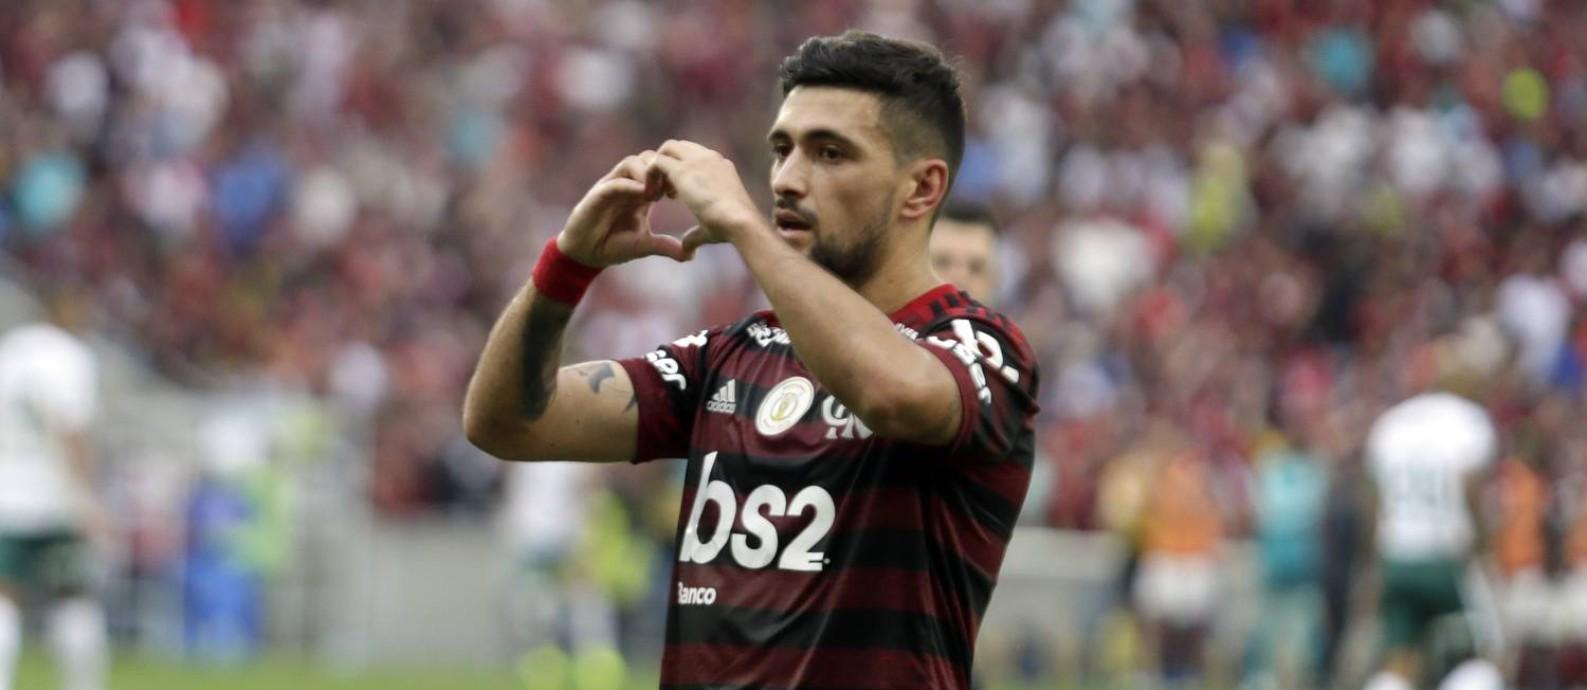 Arrascaeta comemora gol em vitória sobre o Palmeiras Foto: Antonio Scorza / Agência O Globo